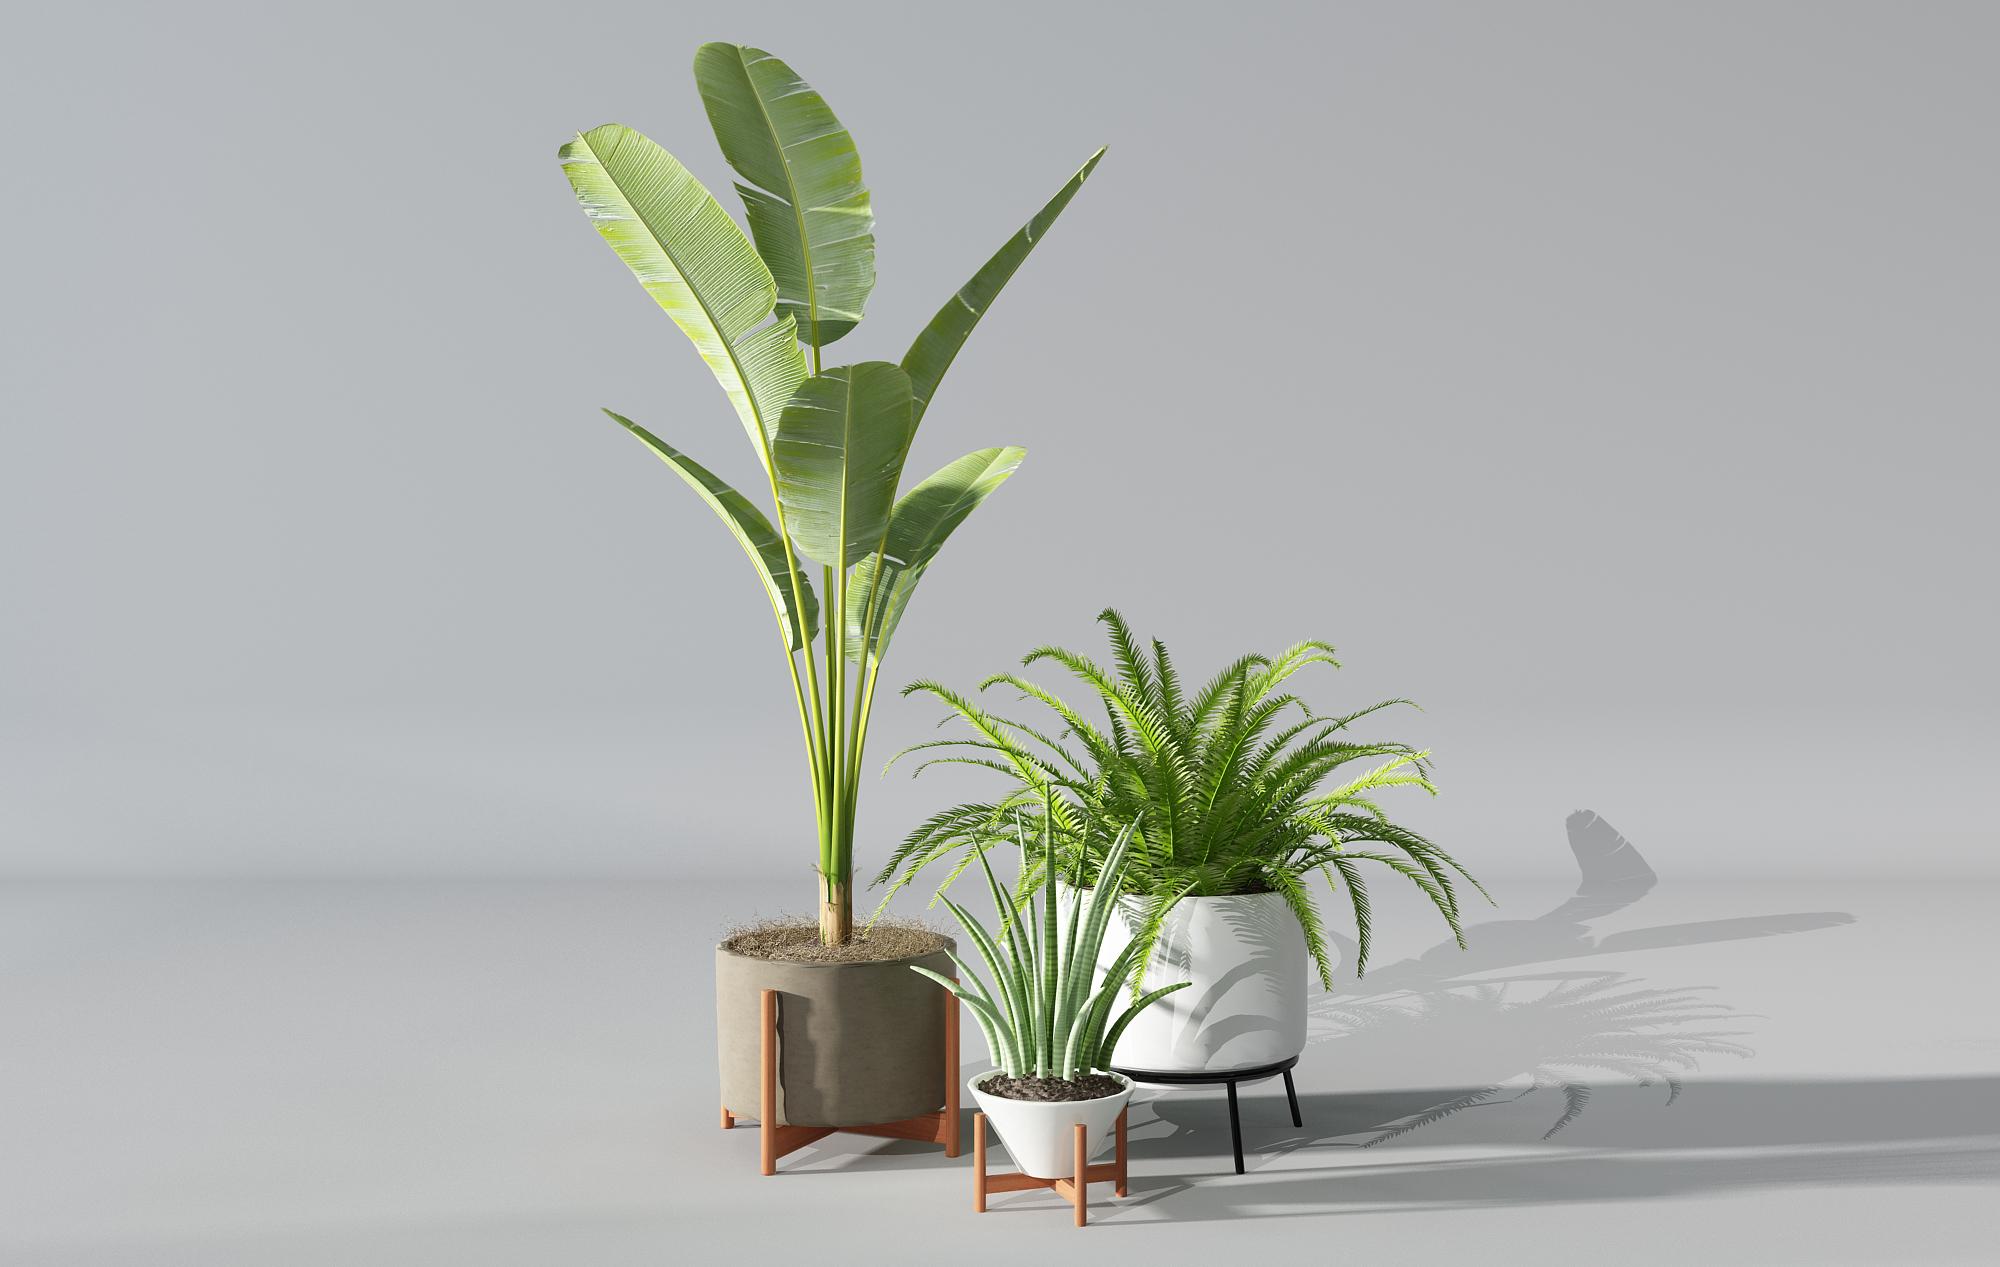 CG模型_ 植物盆景盆栽绿植花盆_3D模型免费下载